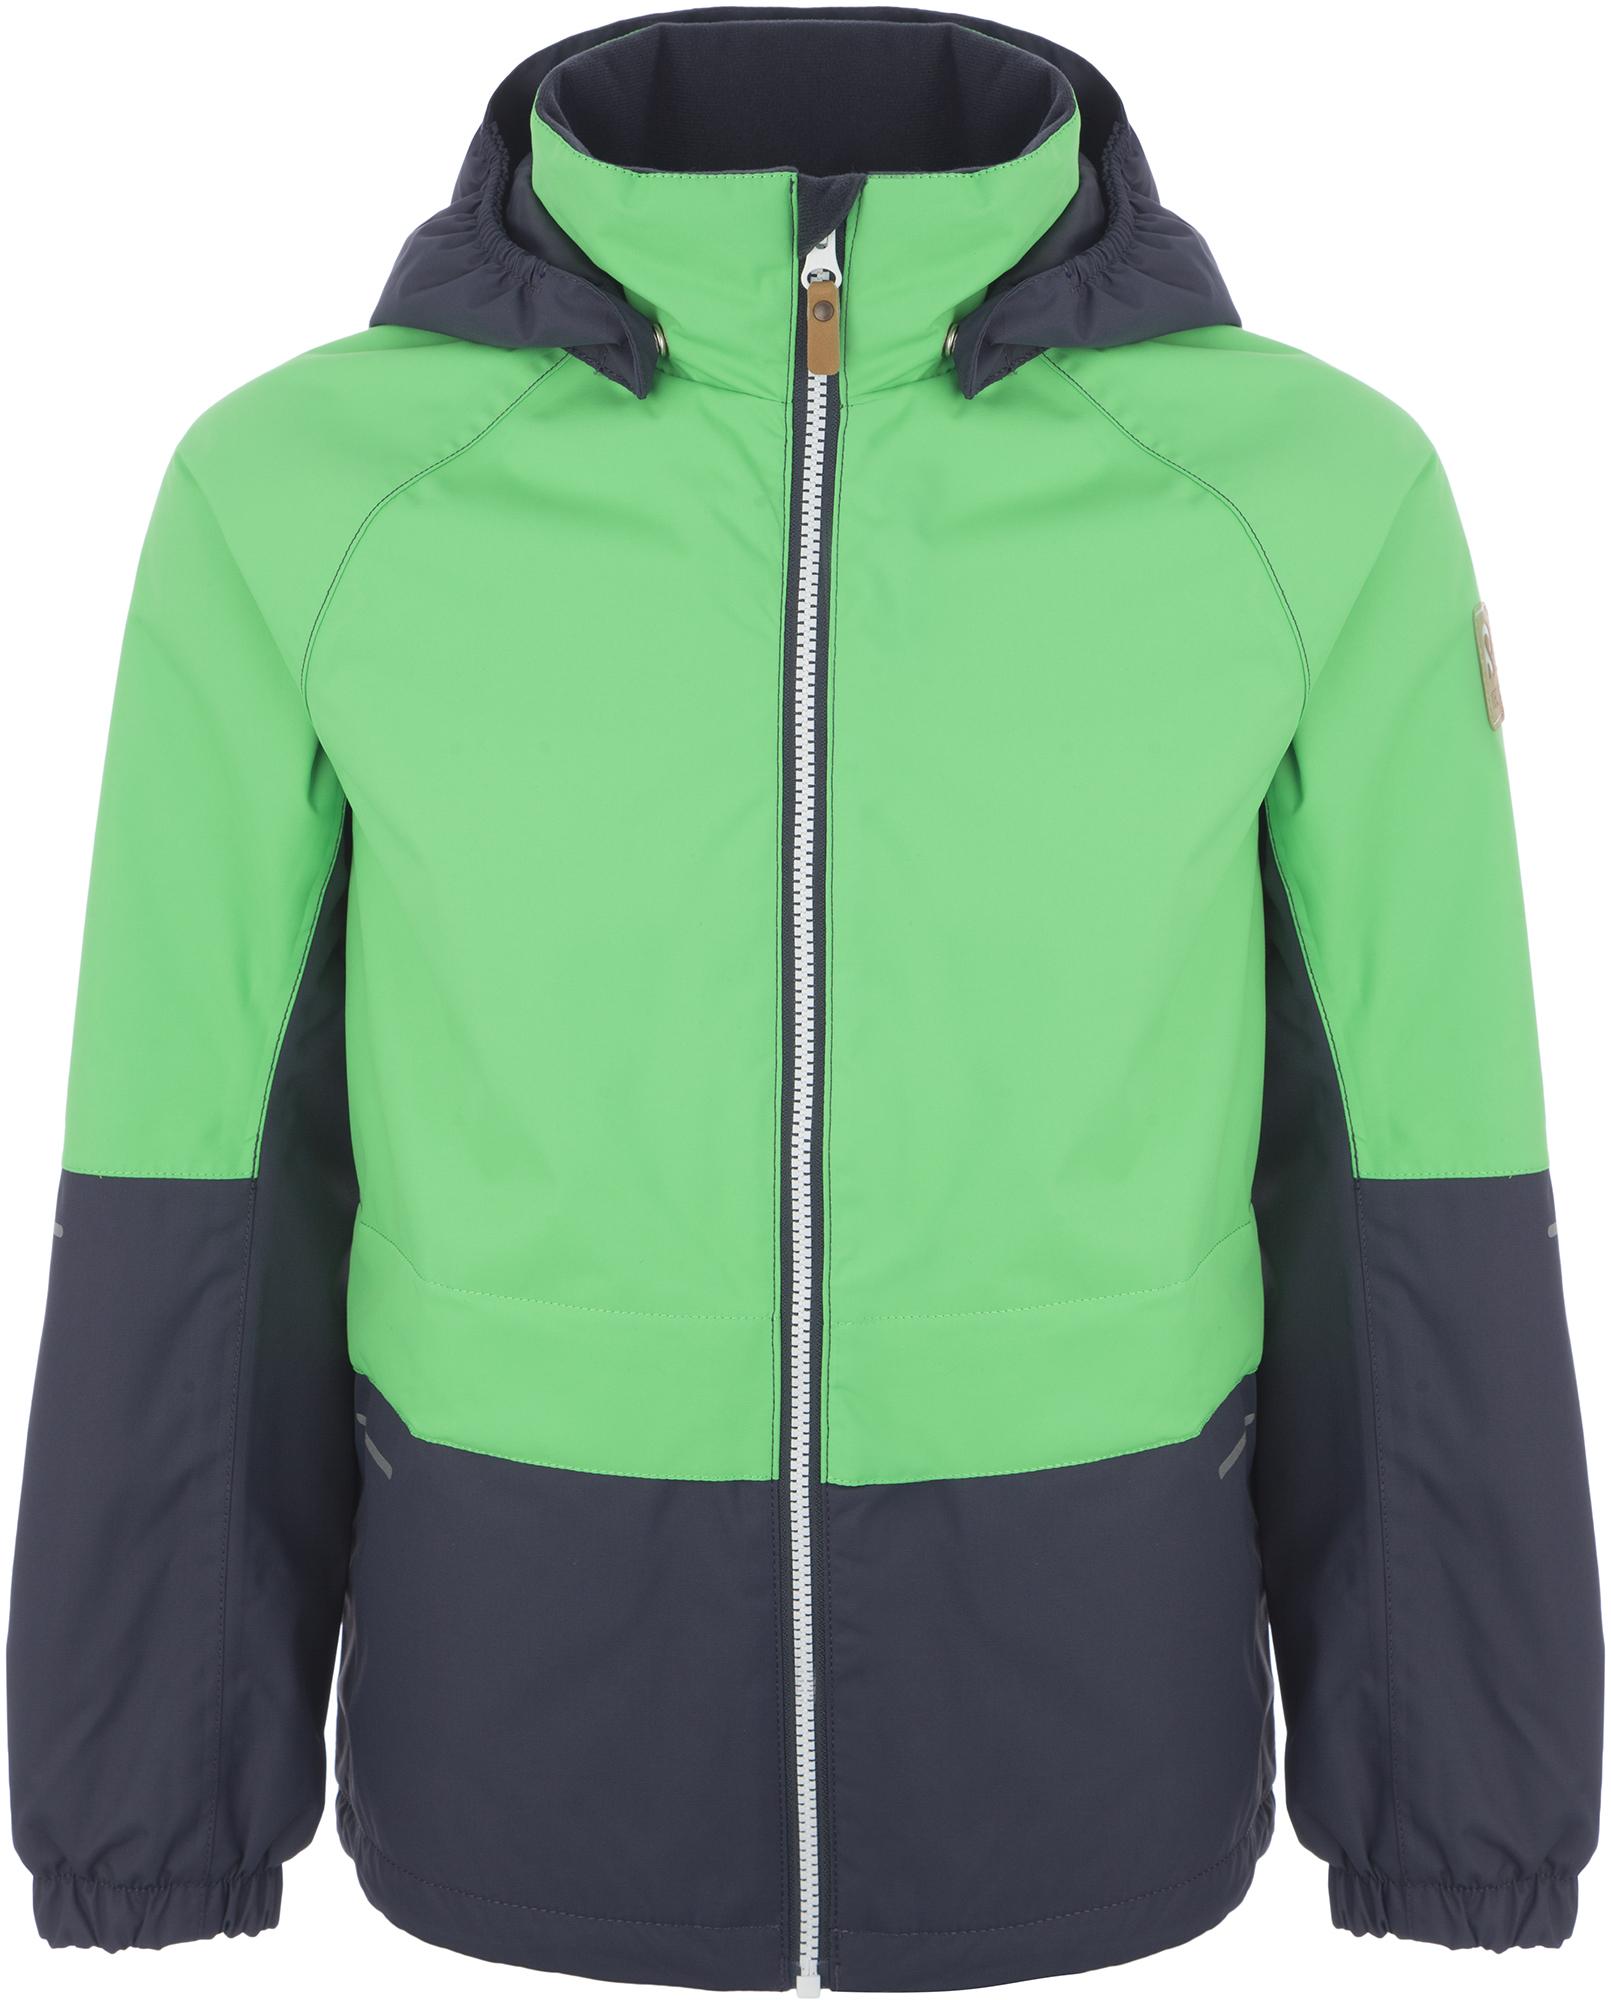 Reima Куртка утепленная для мальчиков Reima Aho, размер 140